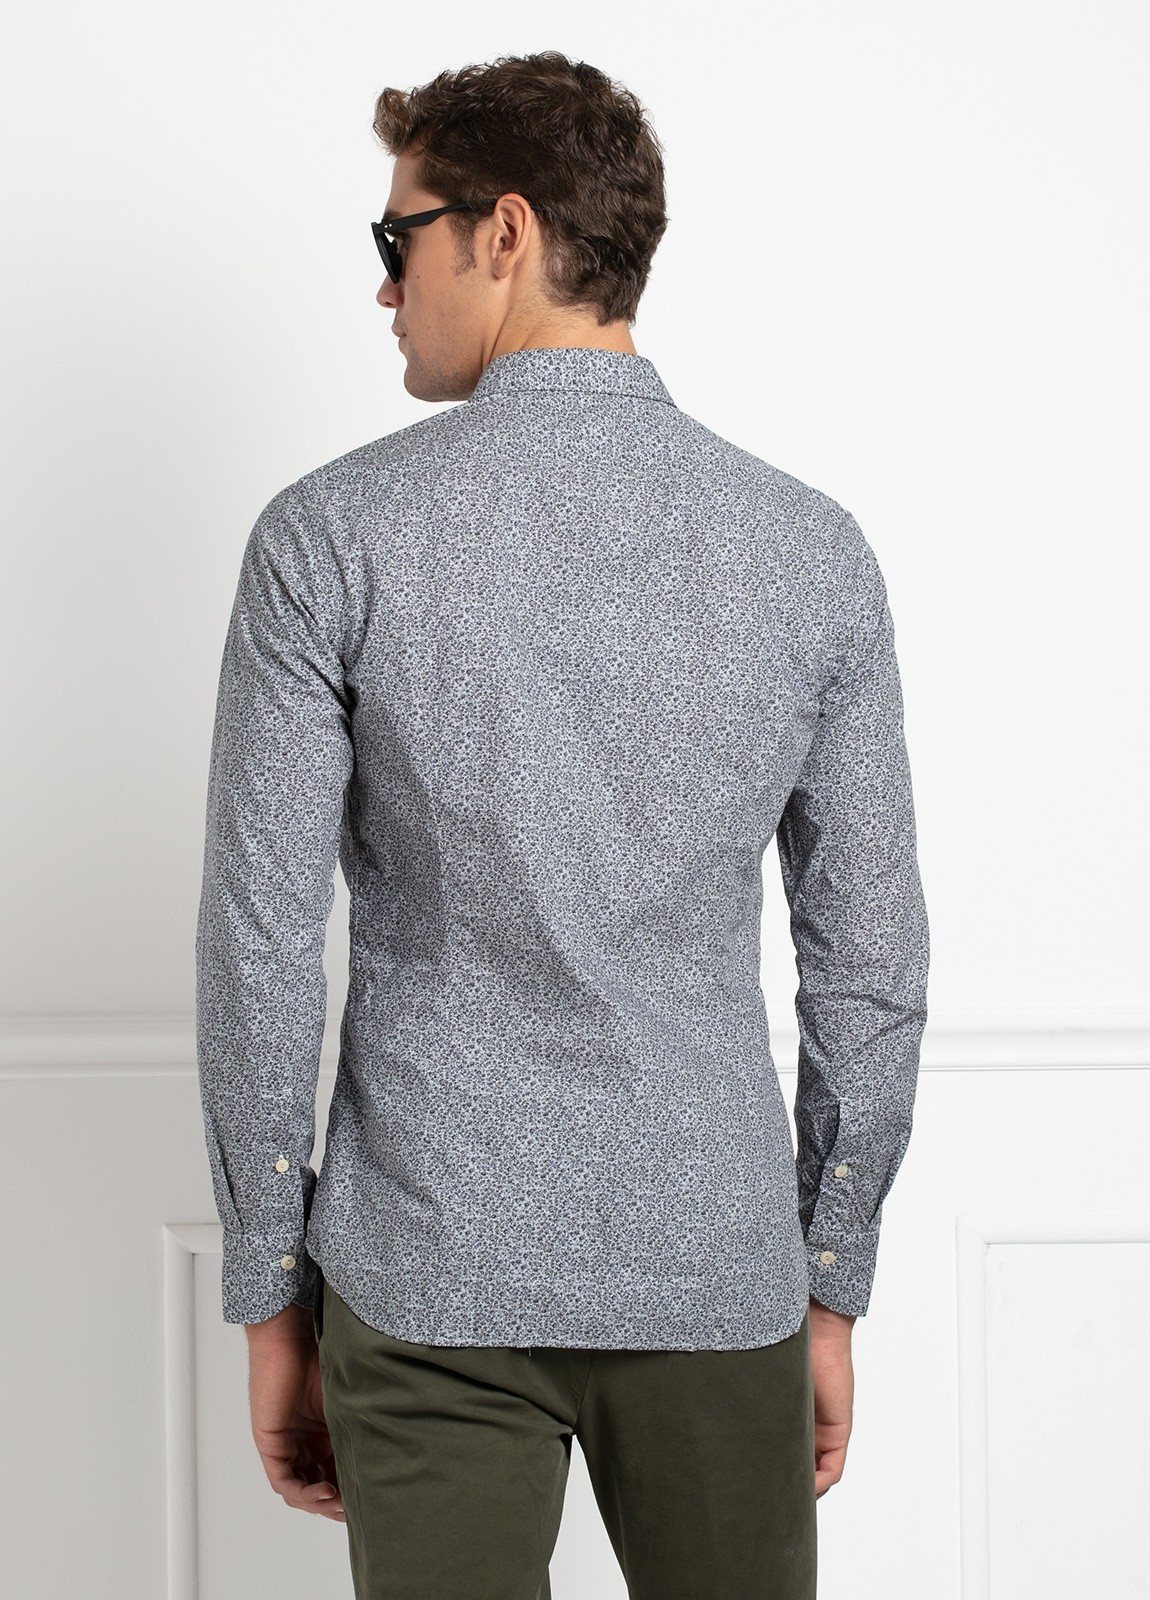 Camisa sport SLIM FIT con estampado floral en tonos gris azulado. 100% Algodón. - Ítem1